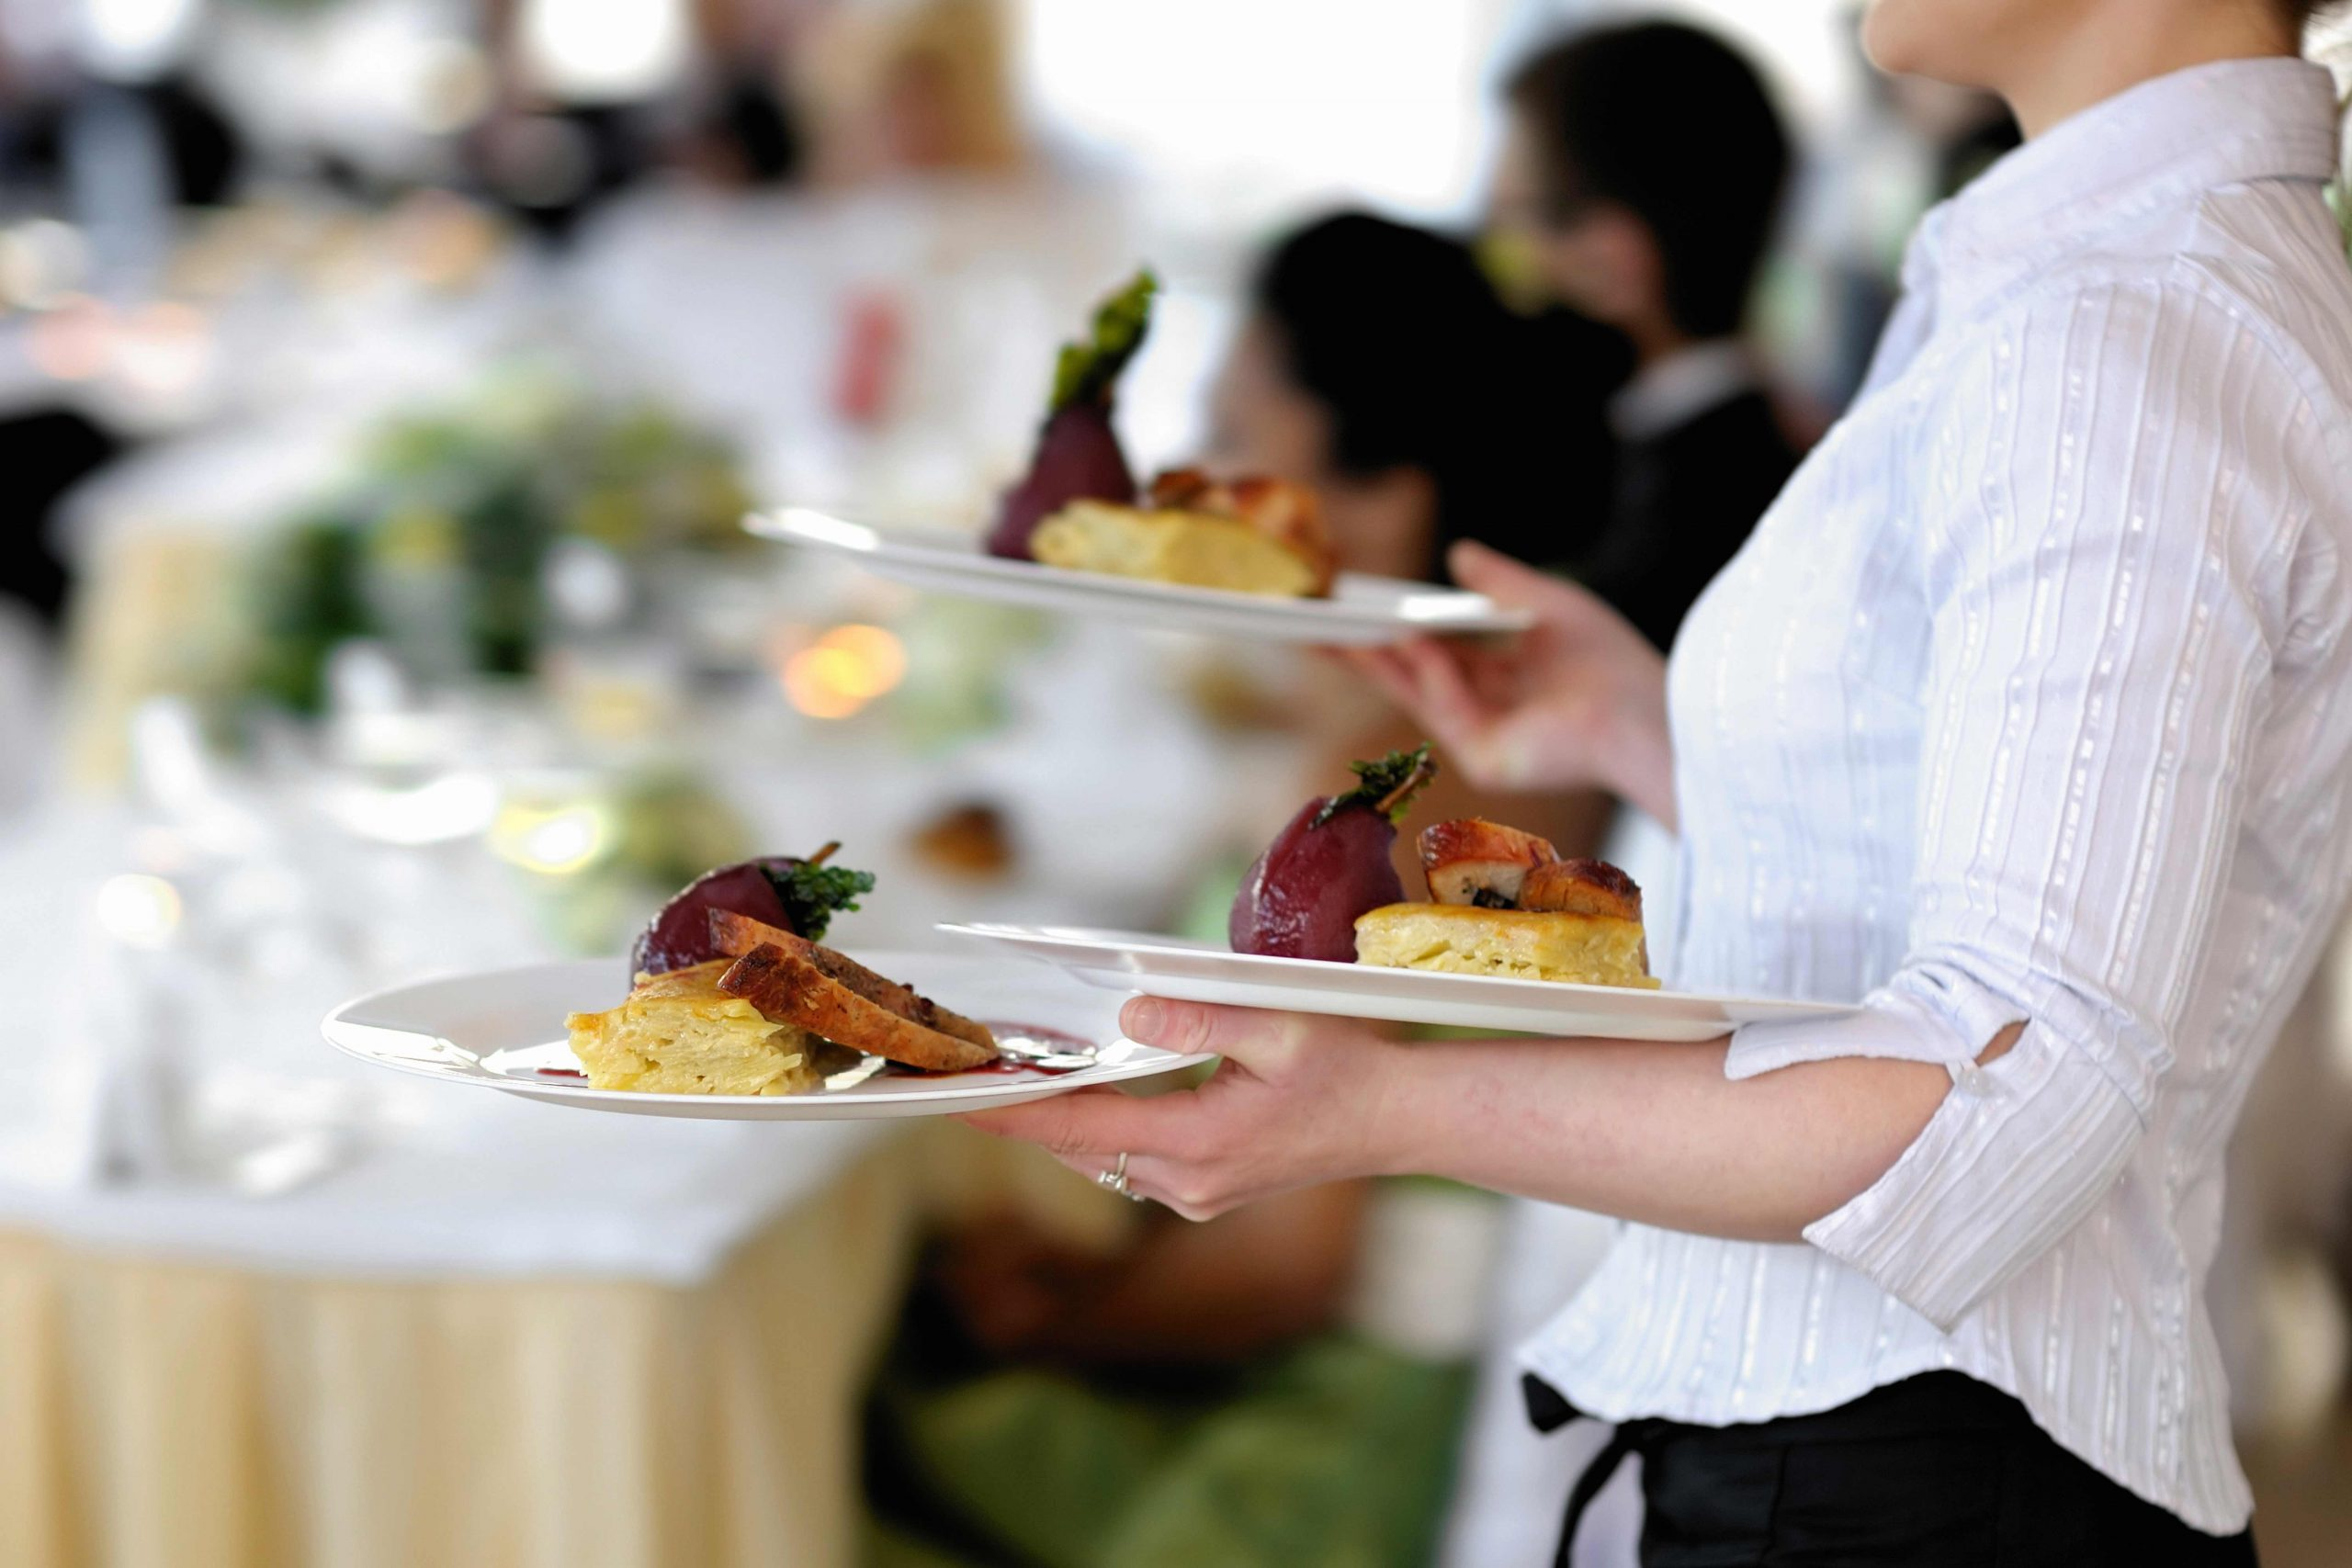 Gastronomie & Hotellerie neu erfinden und professionell vermarkten - REINVENTIS - Innovationsagentur - München